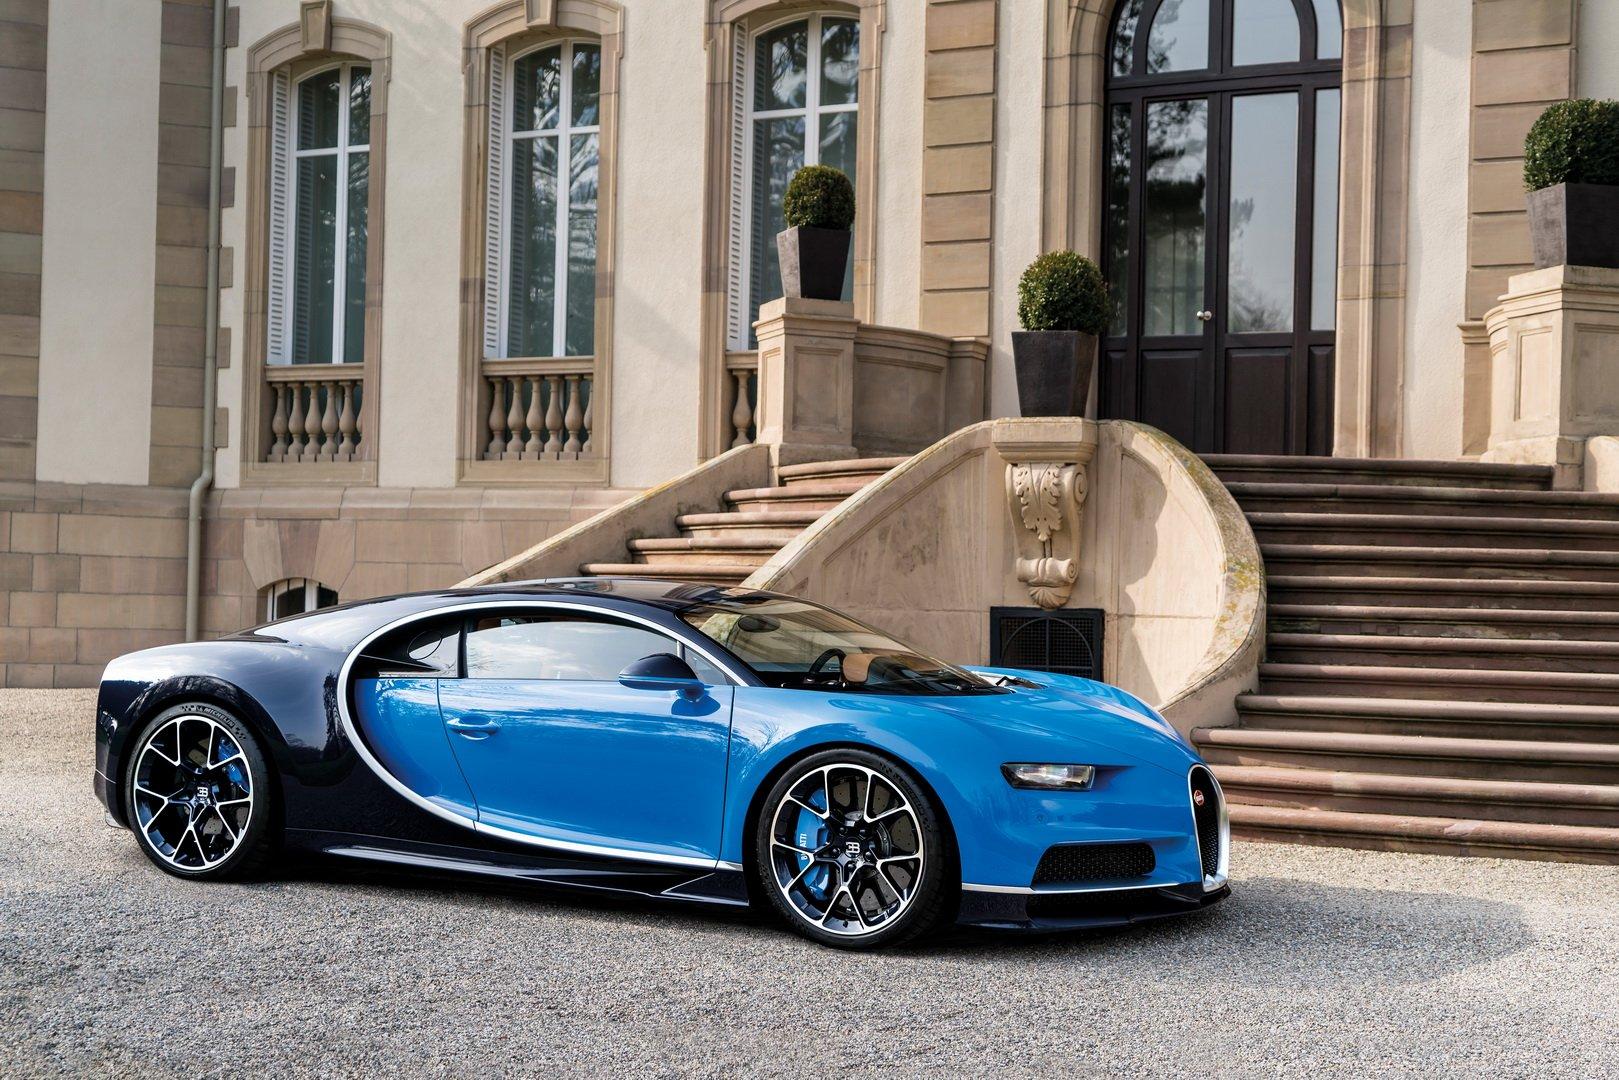 El director de Bugatti anuncia que continuará manteniendo los motores gasolina en la siguiente década